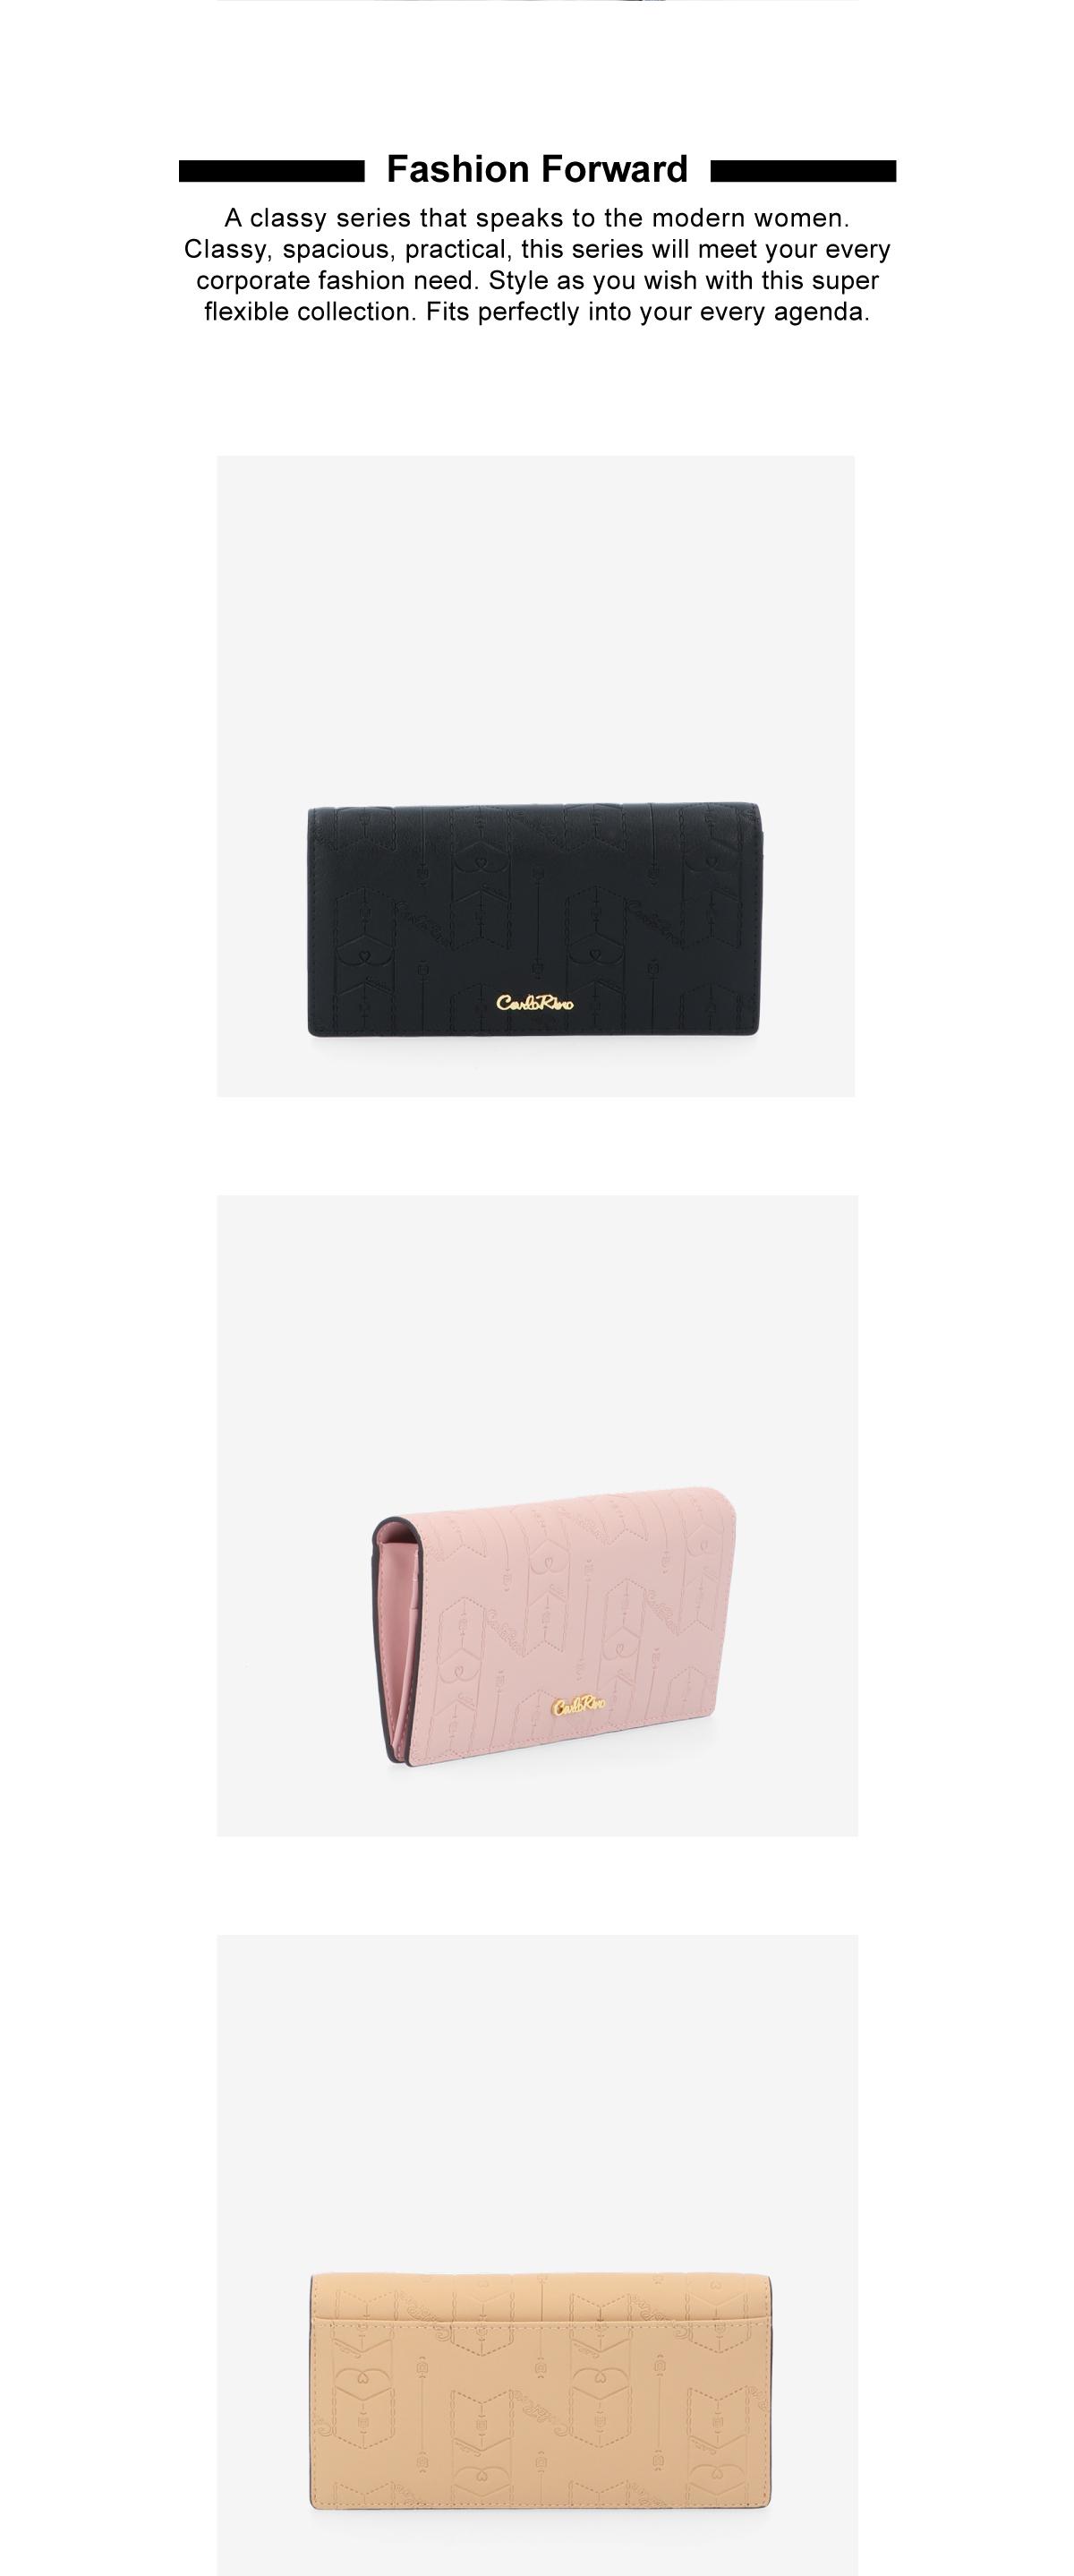 0305050J 501 2 - Fashion Forward 2-fold Wallet